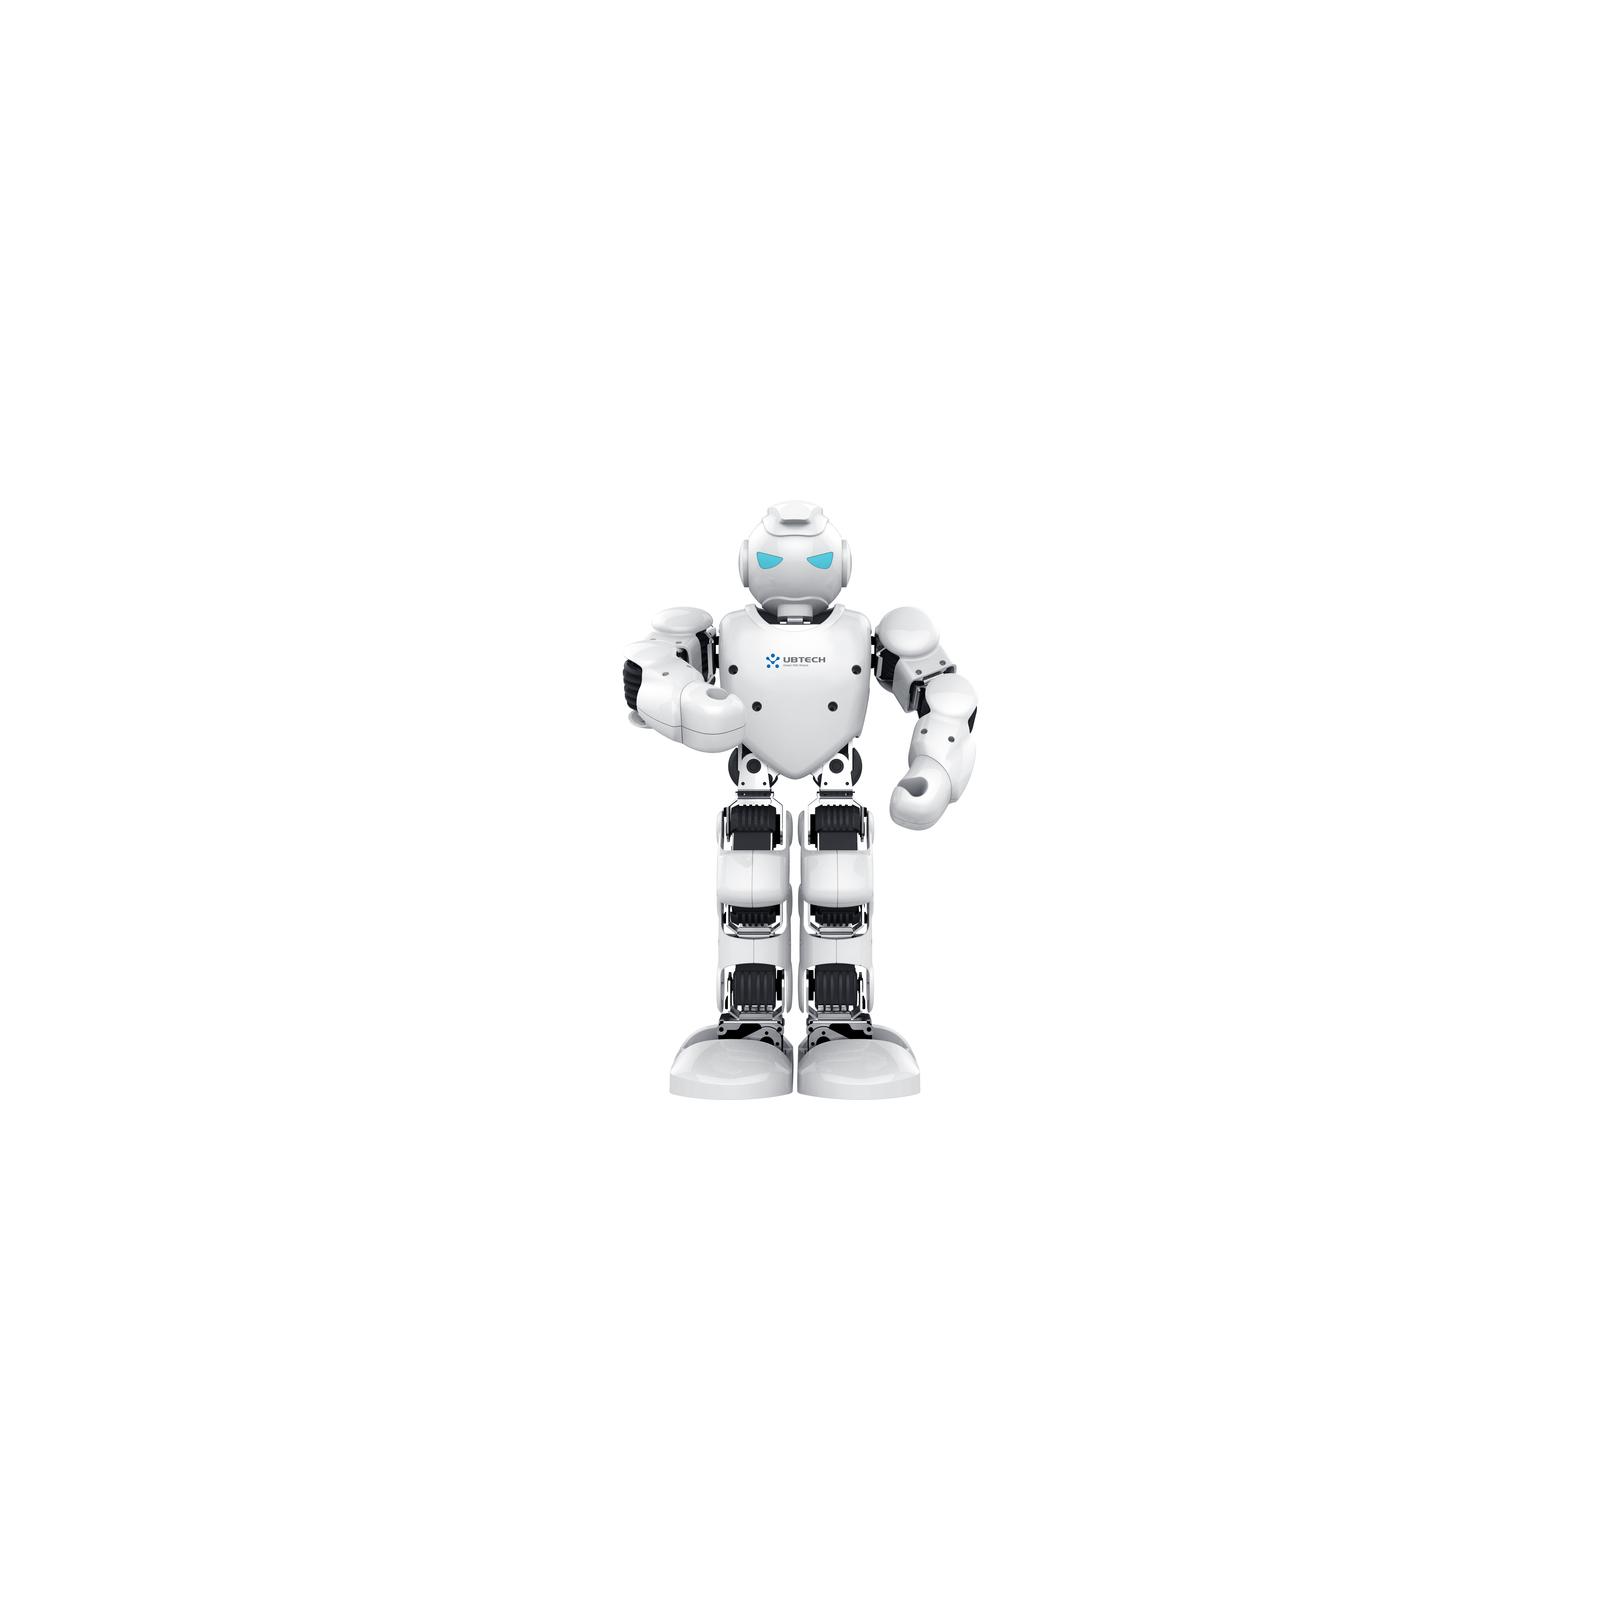 Робот Ubtech Alpha 1Pro изображение 3